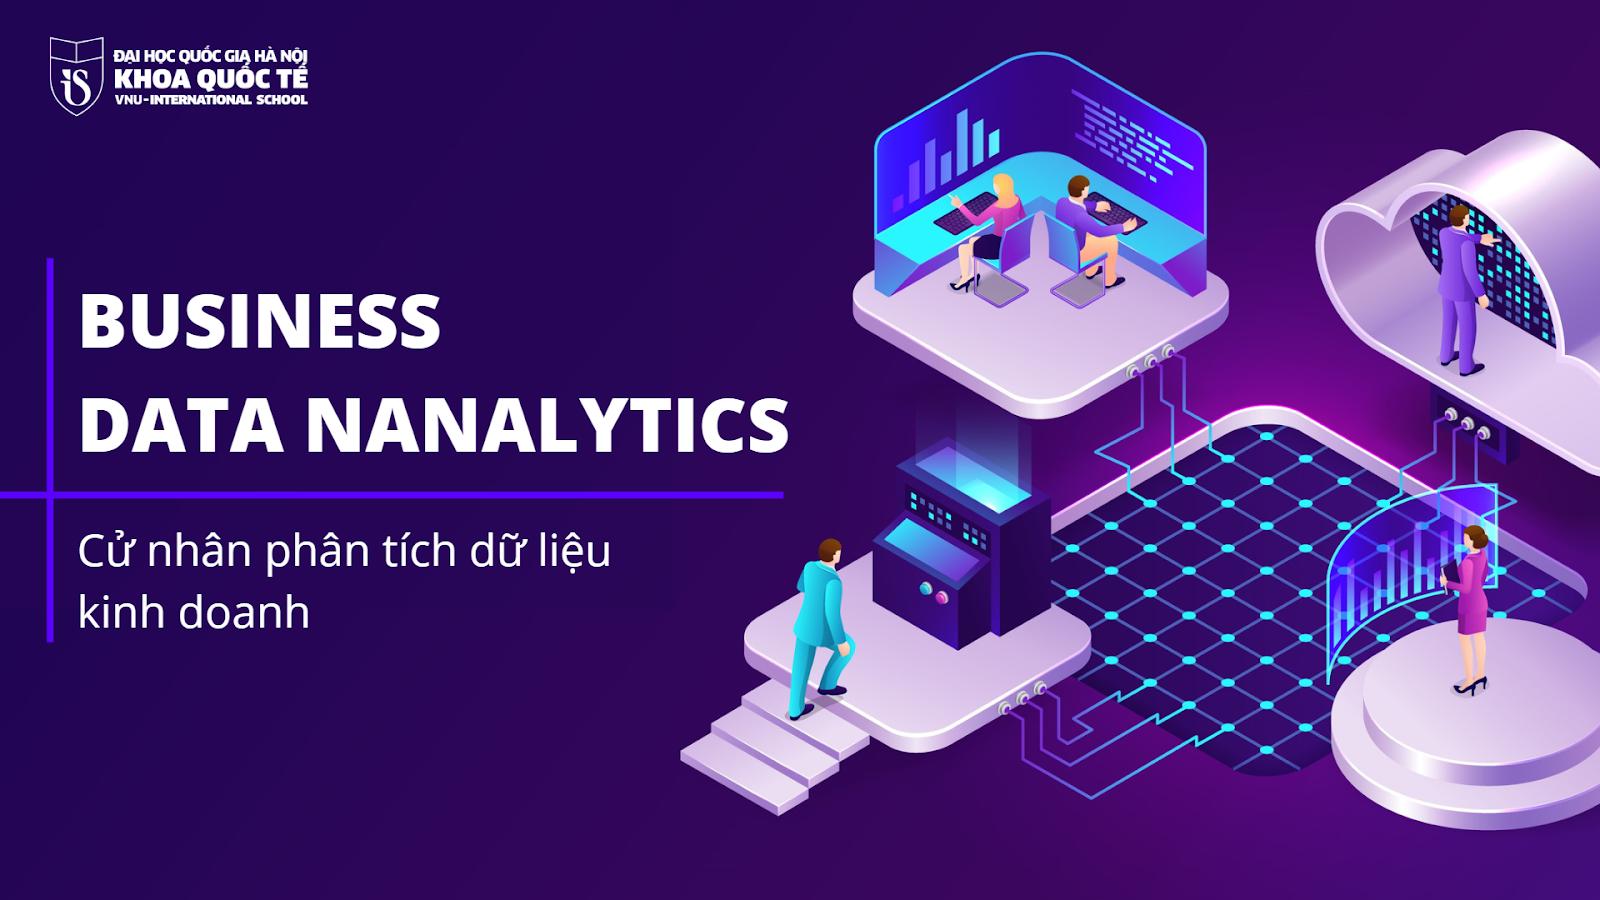 Ngành Phân tích dữ liệu kinh doanh tại Khoa Quốc tế - ĐHQGHN